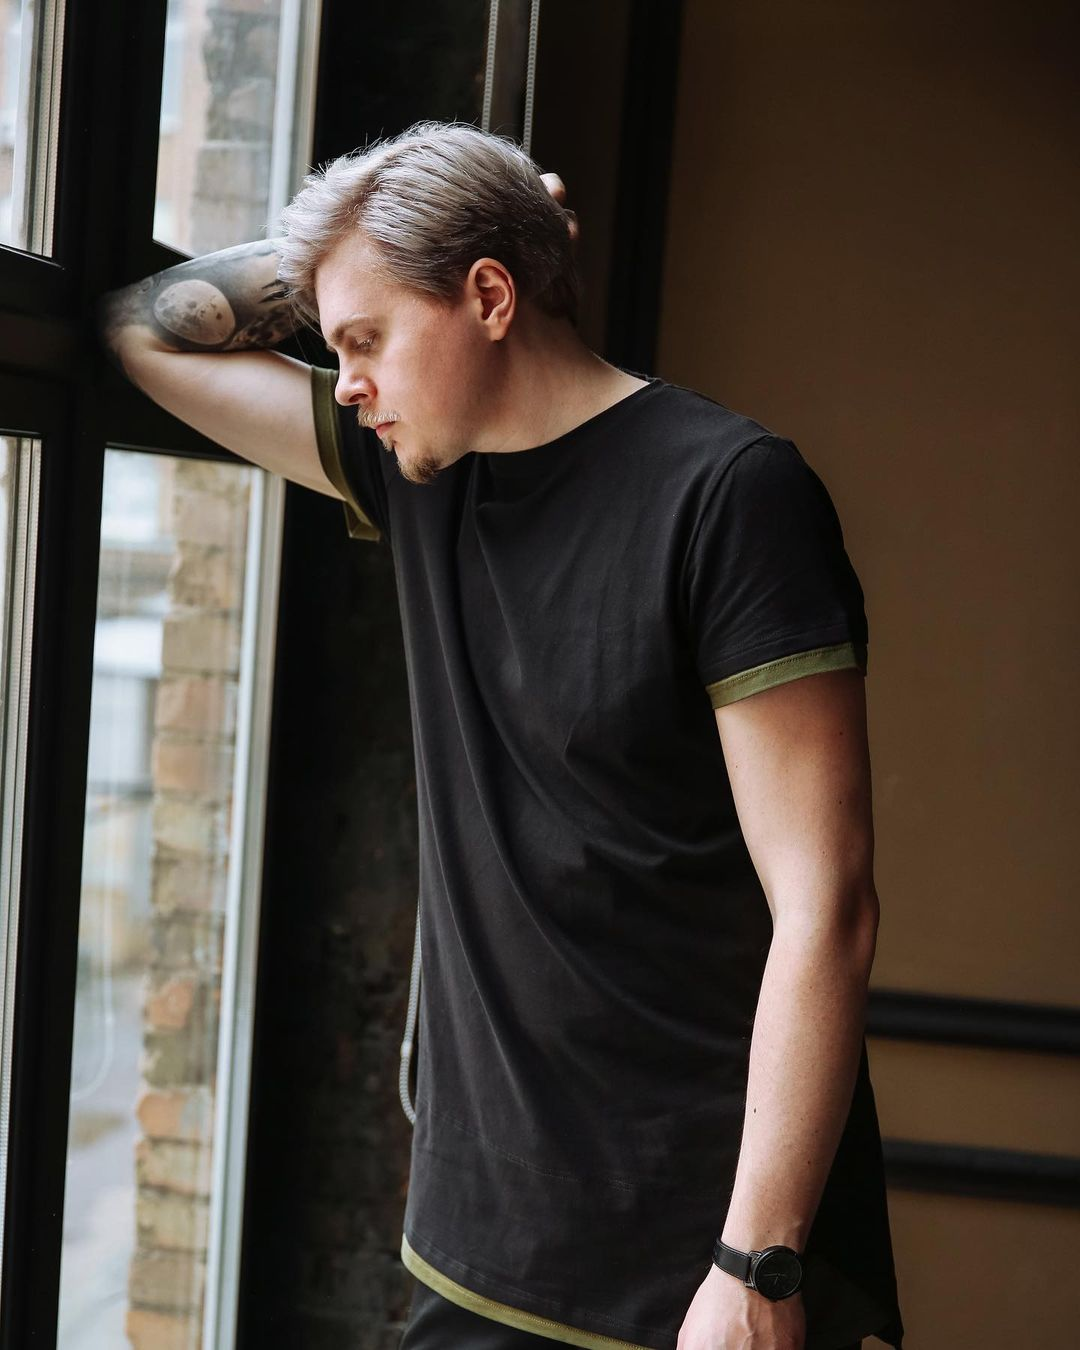 Киевский барбер рассказал об актуальных трендах в мужских прическах и проблеме выпадения волос.